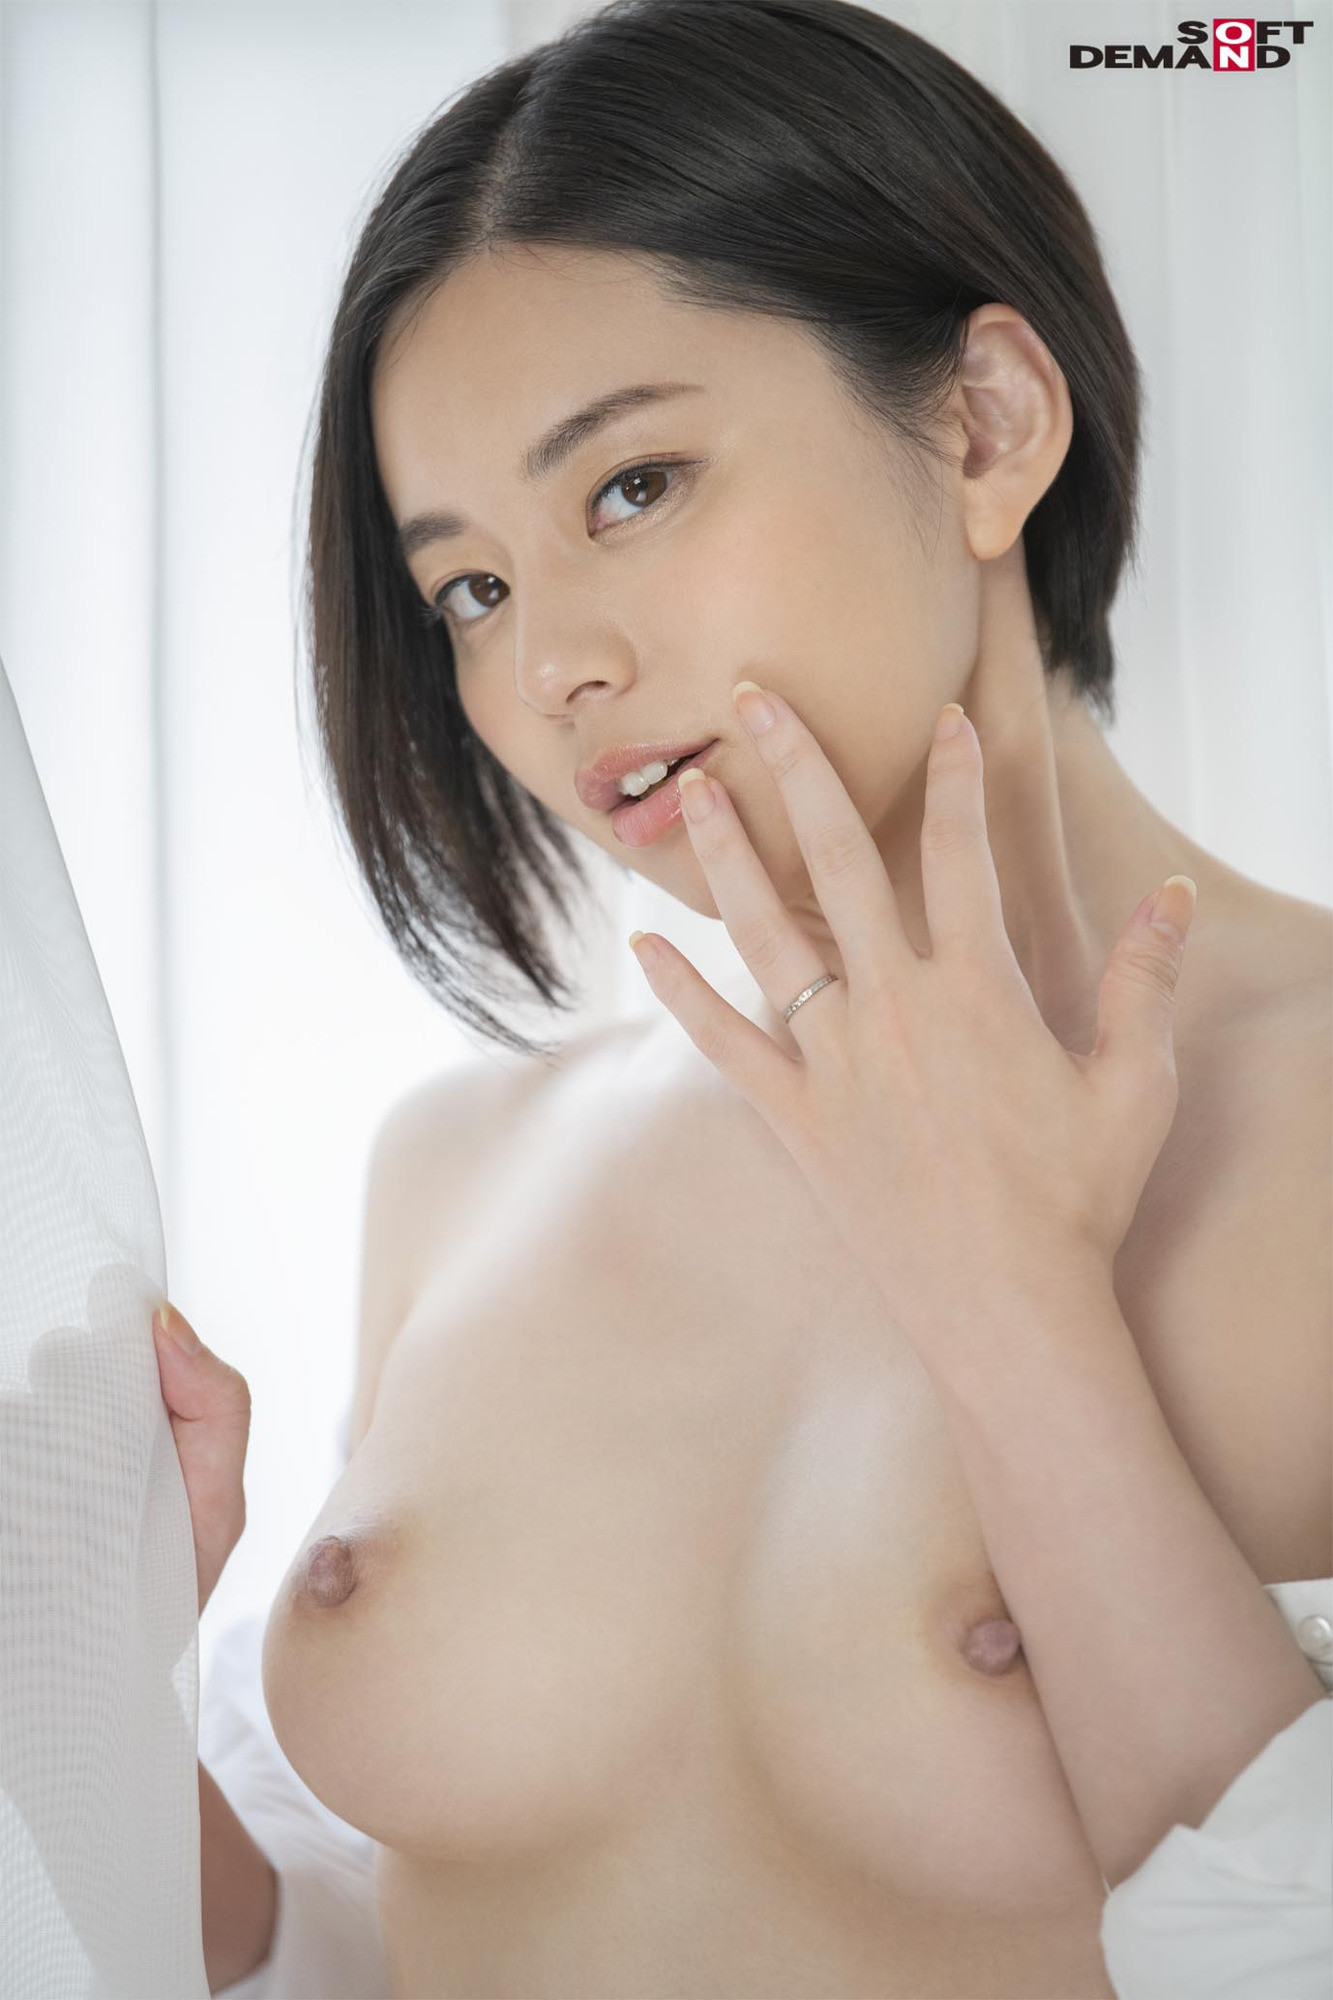 南アルプスの湧き水よりも澄み切った120%天然素材の美人妻 平井栞奈 34歳 第3章 「精子飲みたくて仕方ないんです」一滴残らず他人ザーメンごっくん7発! 画像2